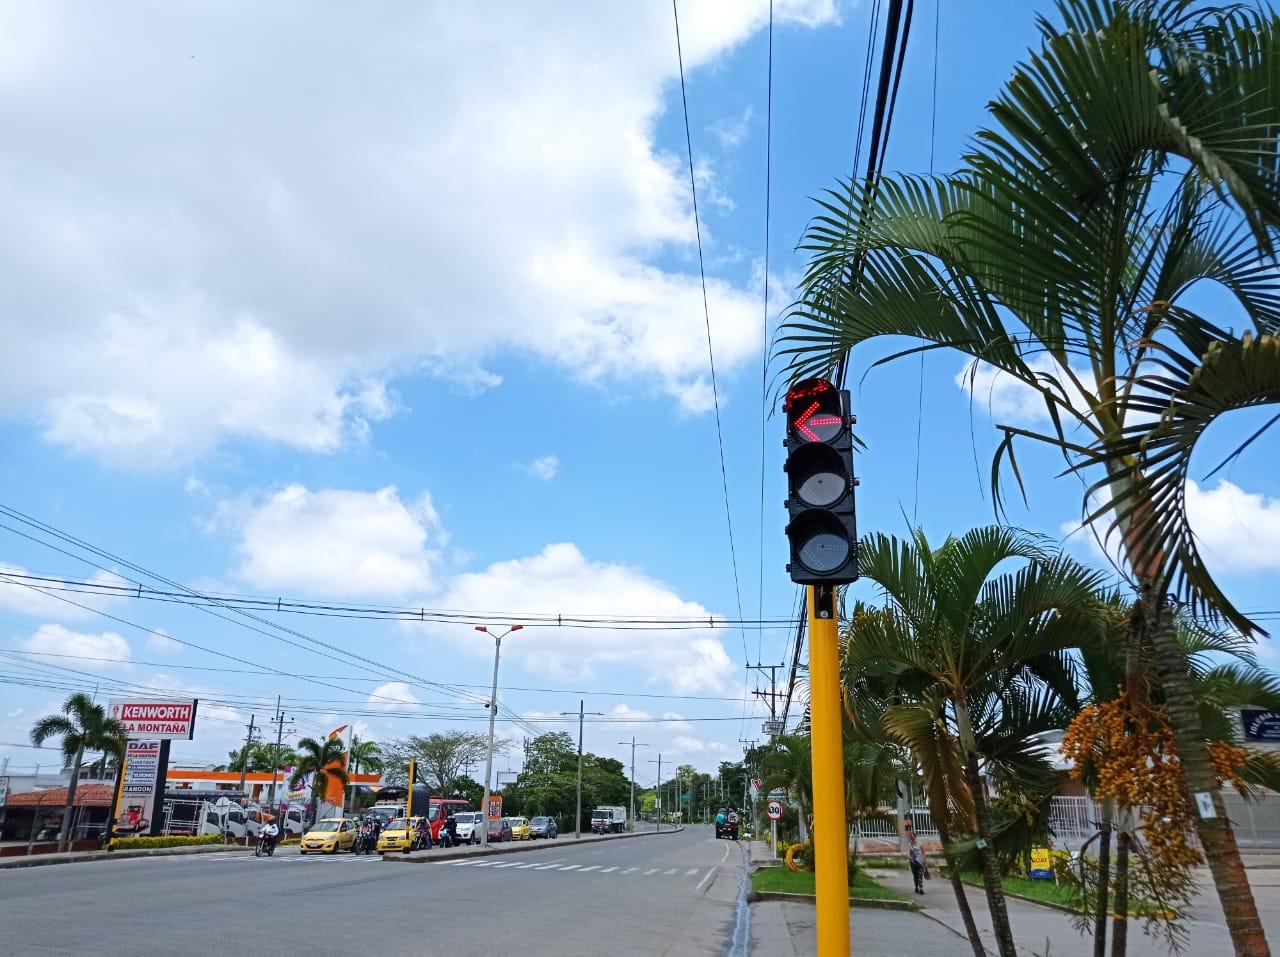 Autoridades mejoraron los tiempos de espera en algunos semáforos de Ibagué